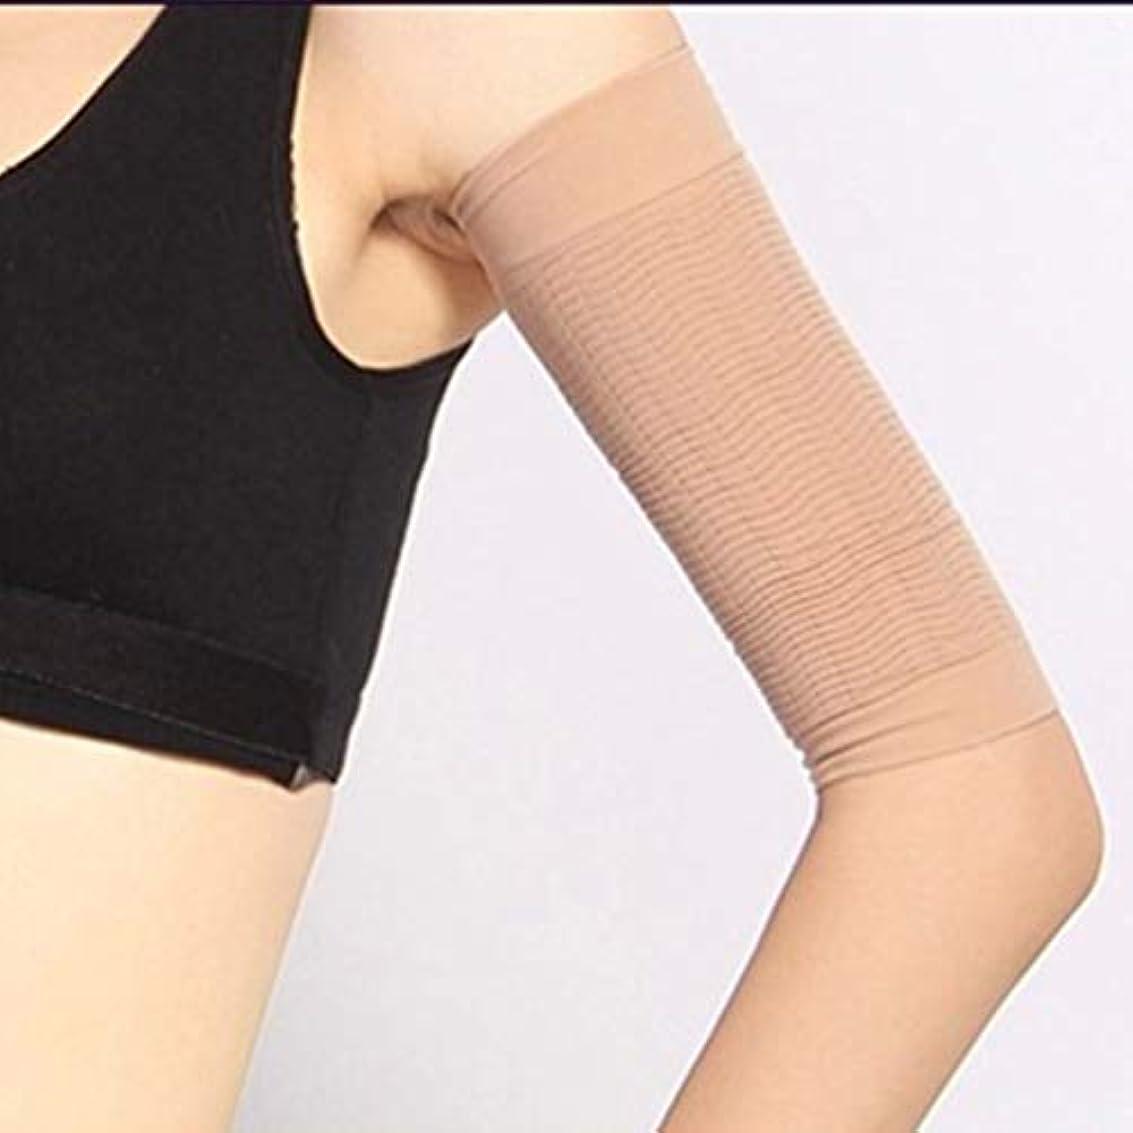 反対した実質的九月1ペア420 D圧縮痩身アームスリーブワークアウトトーニングバーンセルライトシェイパー脂肪燃焼袖用女性 - 肌色